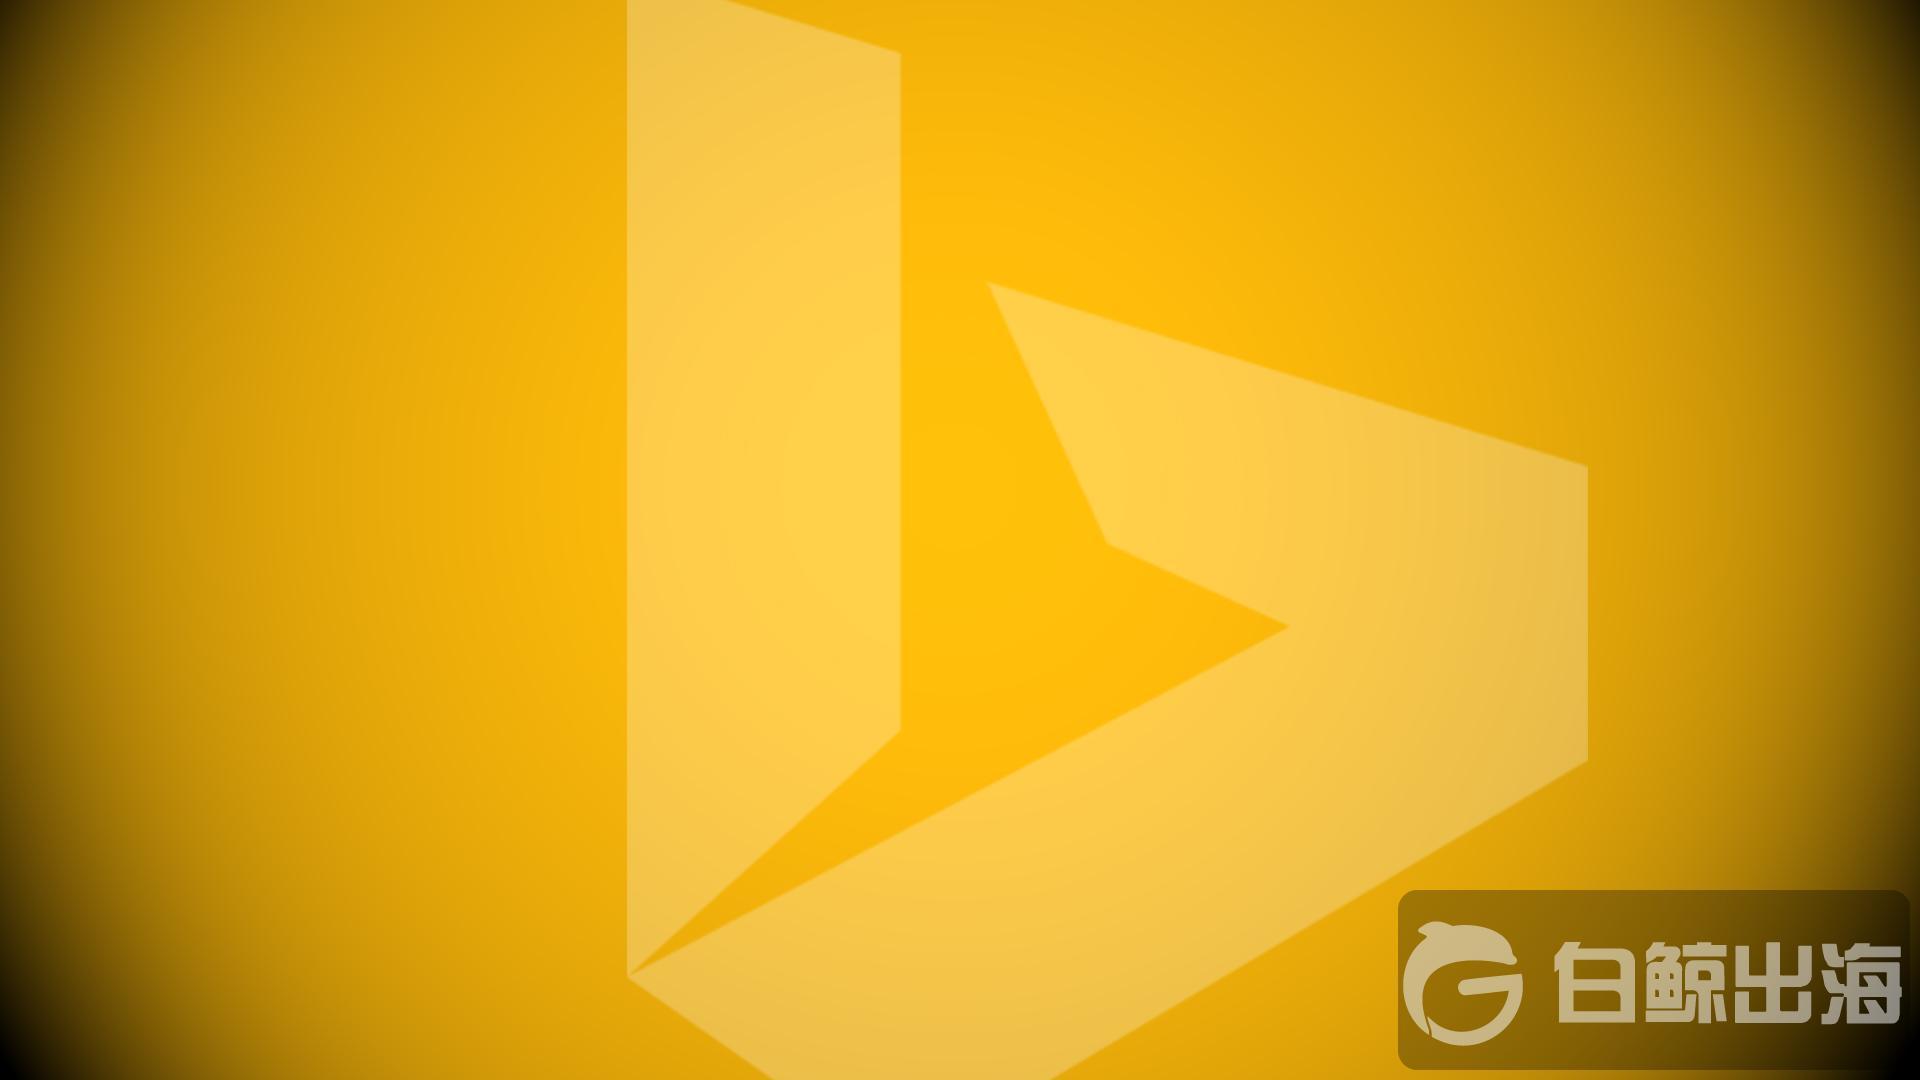 微软的Bing-Edge购物工具能否削弱谷歌搜索的垄断地位?